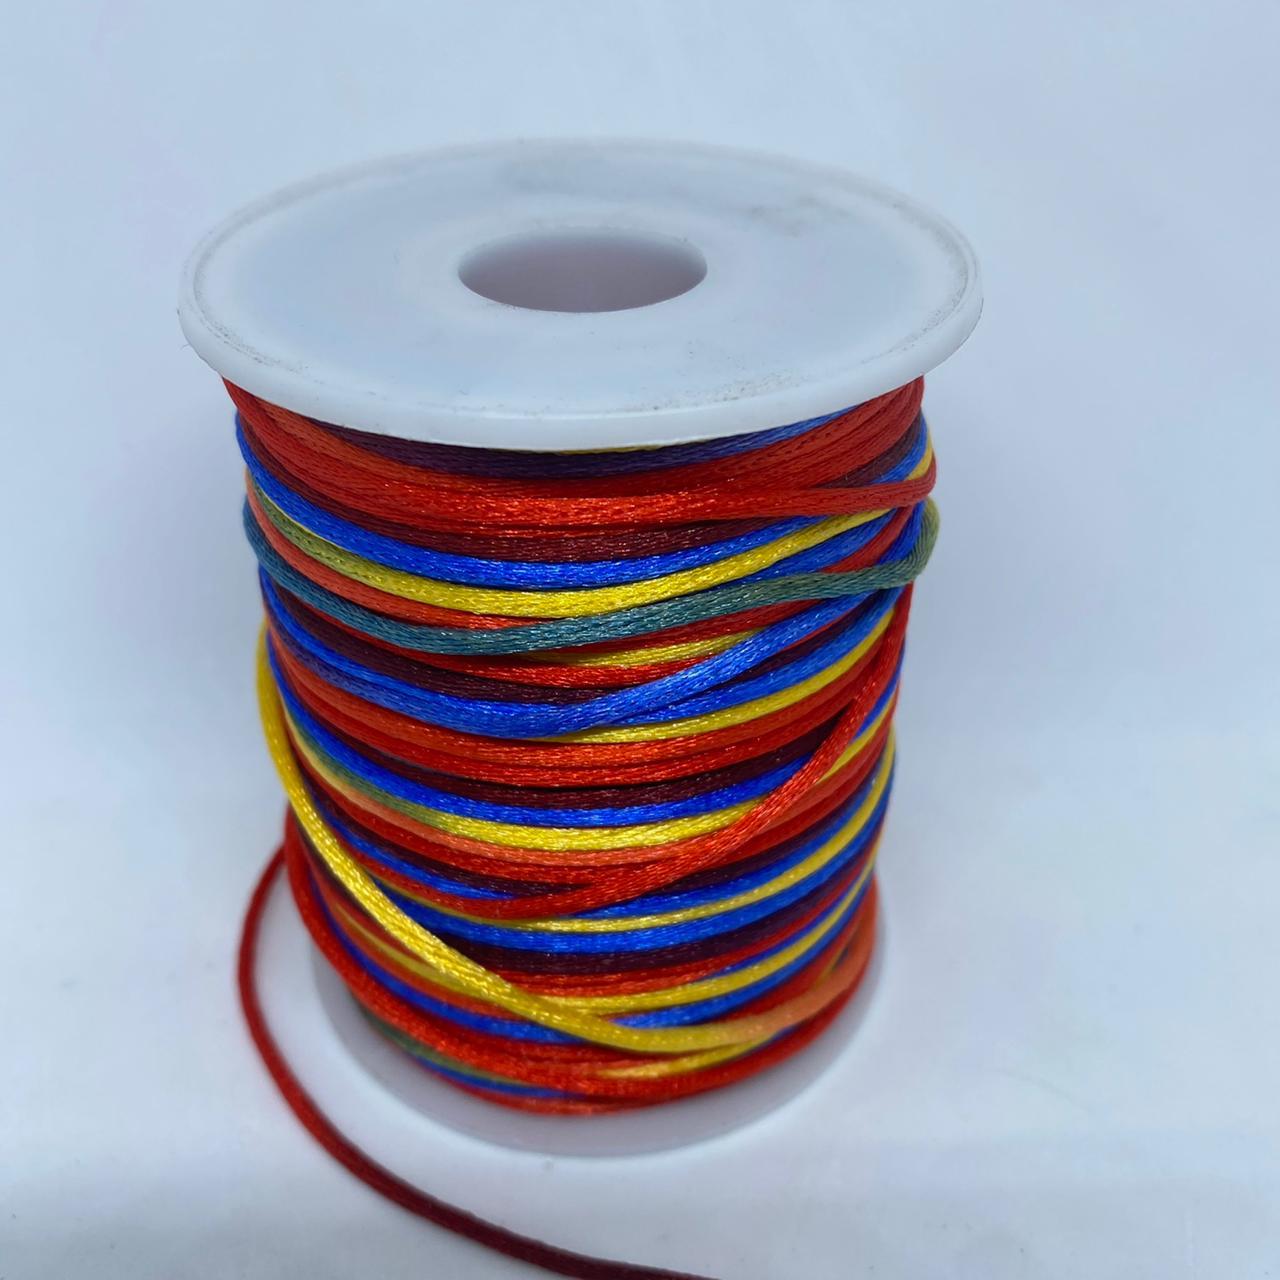 Fio de seda multicolorido (azul, amarelo, vermelho, verde )  c/ 10 metros 1.5mm